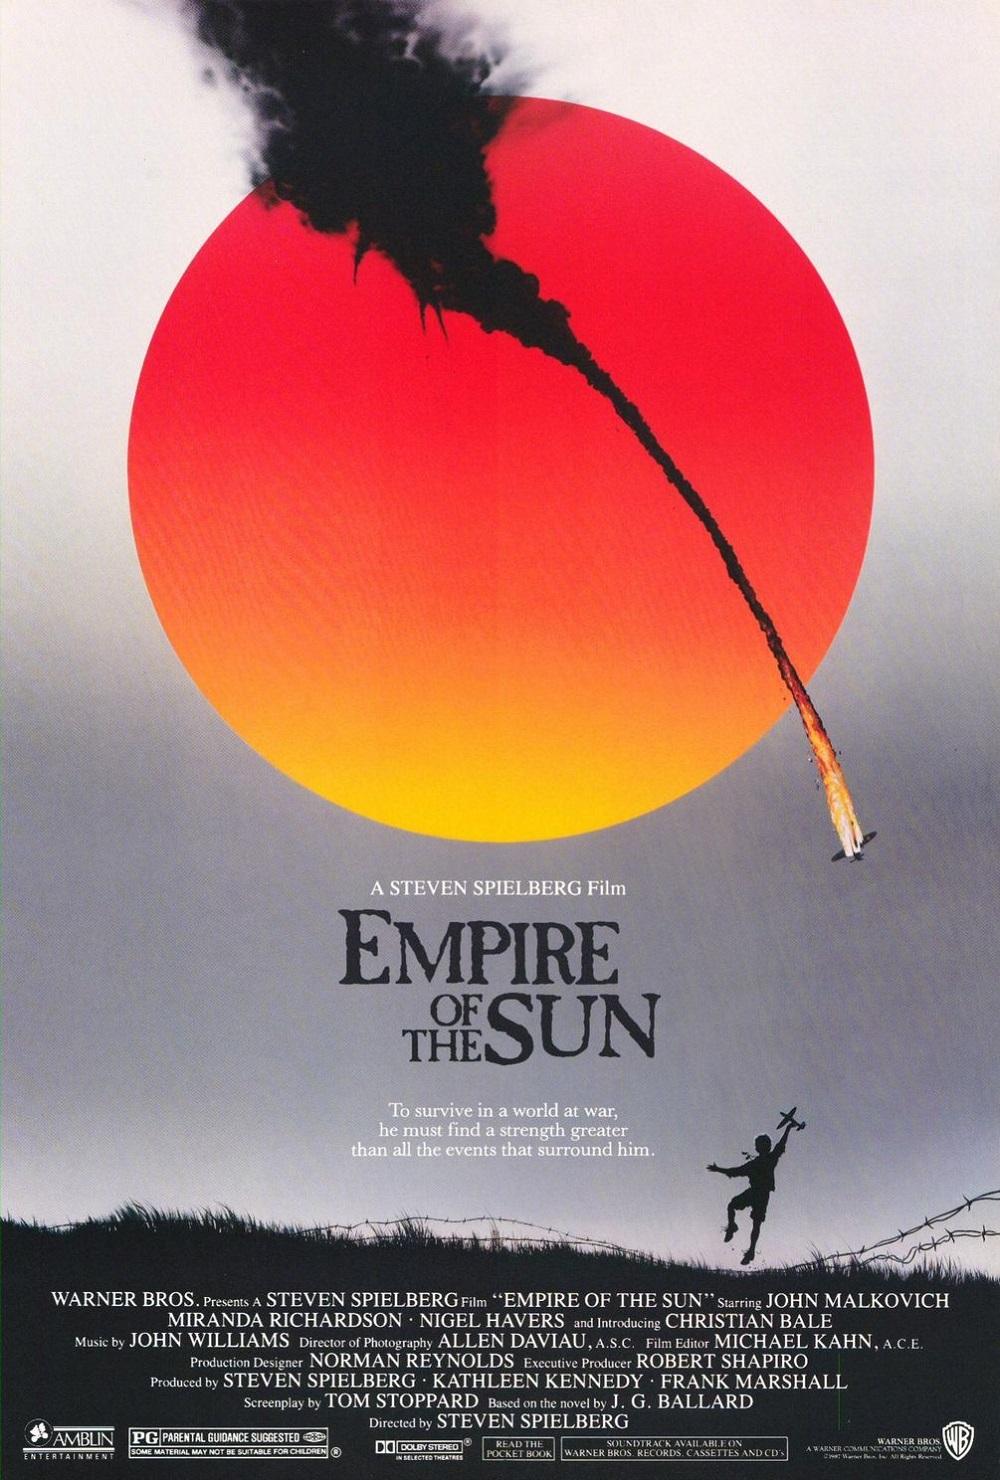 """3.""""Империя на слънцето"""" (престижен филм) – Самият Спилбърг определя номинираната за шест награди """"Оскар"""" лента като най-задълбочения си кинематографичен труд върху загубата на невинността на едно дете. Сюжетът проследява преживяванията на британско момче в японски затворнически лагер през Втората световна война. Ролята се играе от 12-годишния Крисчън Бейл."""